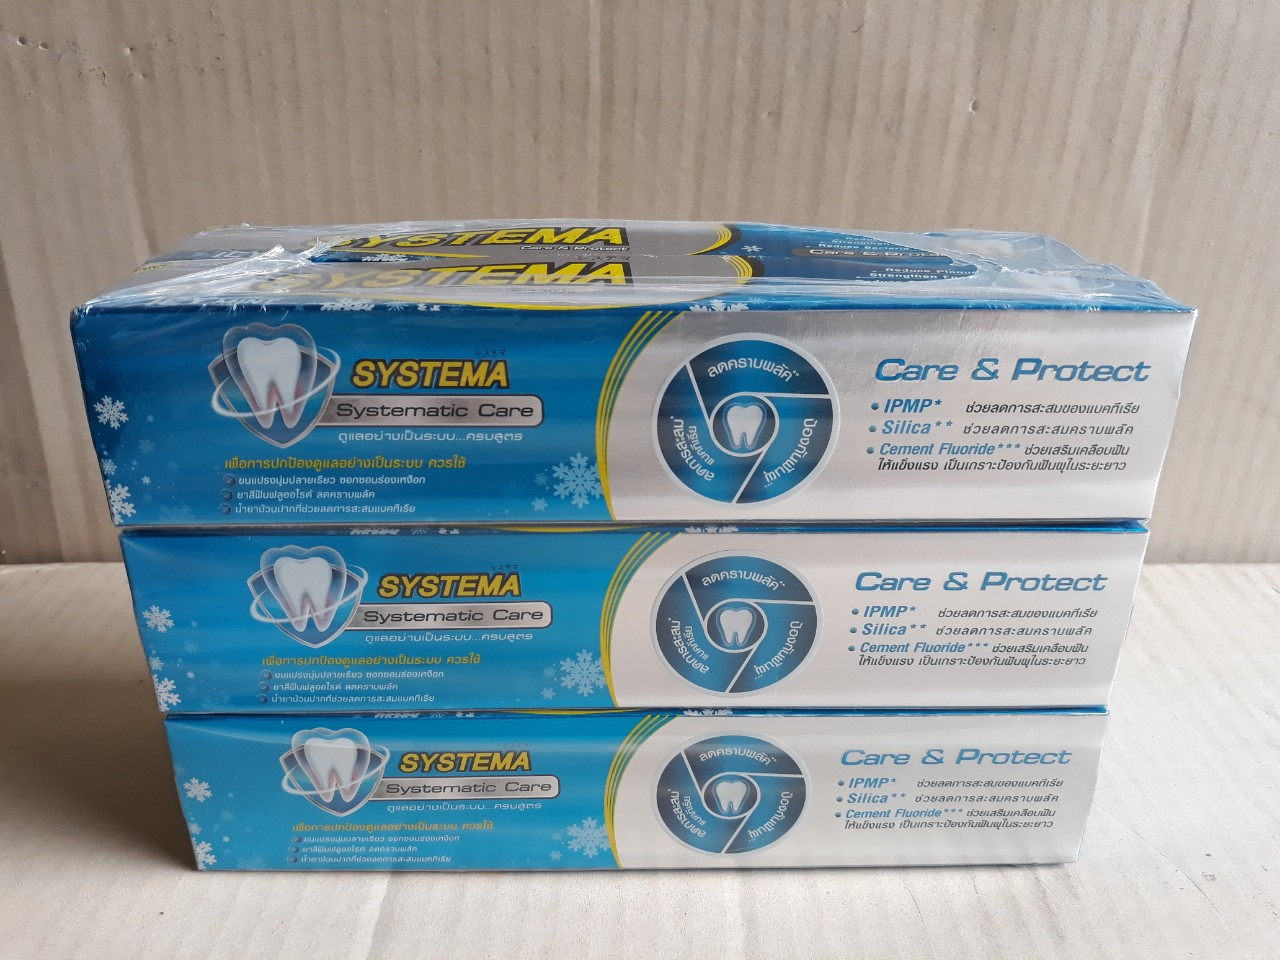 Kem đánh răng Systema 160g (Squeesy mint)